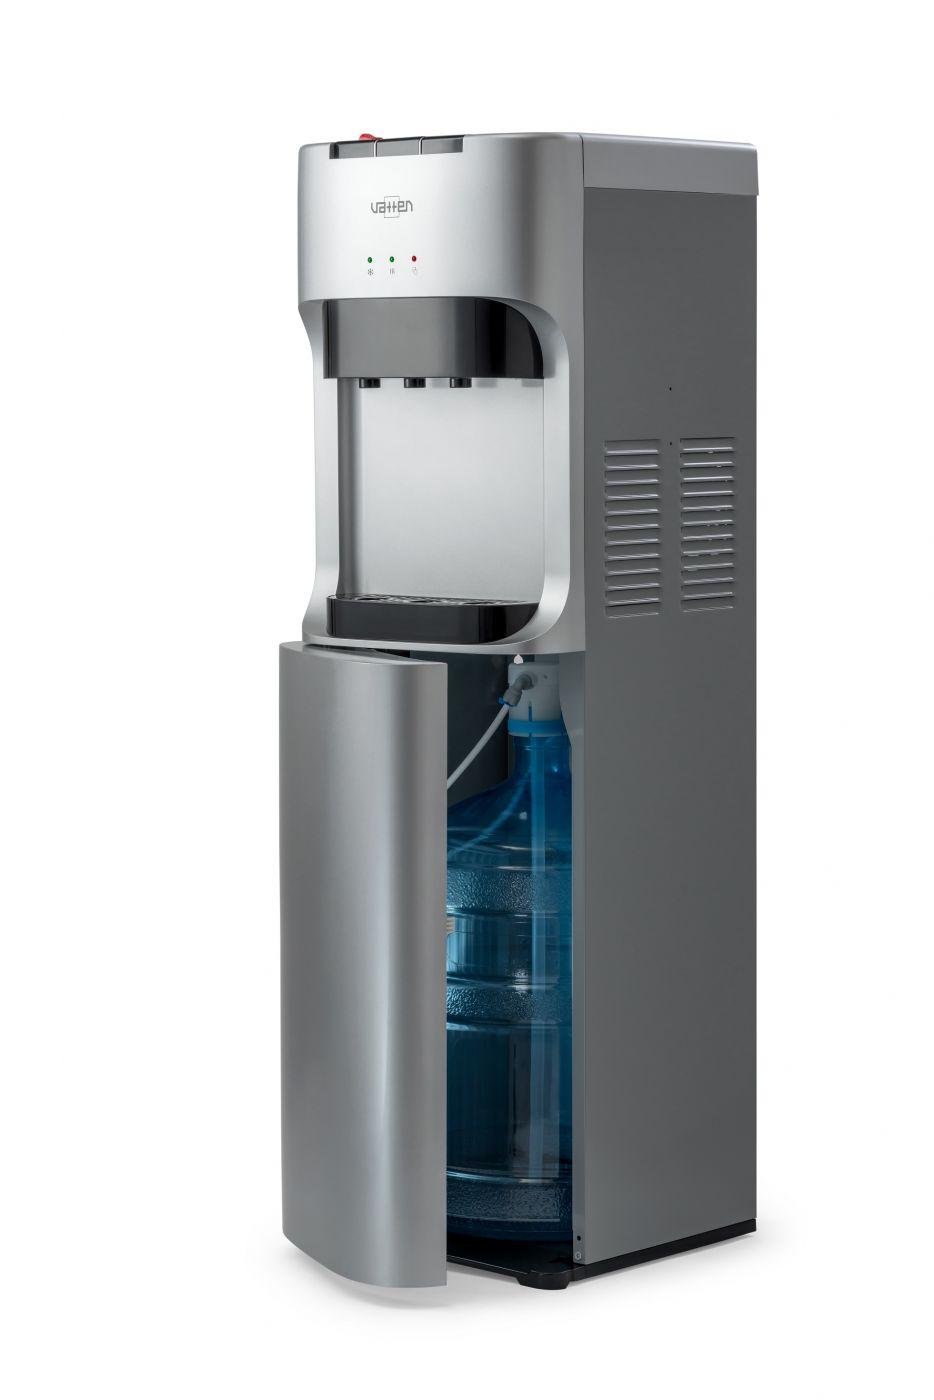 Кулер для воды VATTEN L45SE нижняя загрузка + Турбонагрев